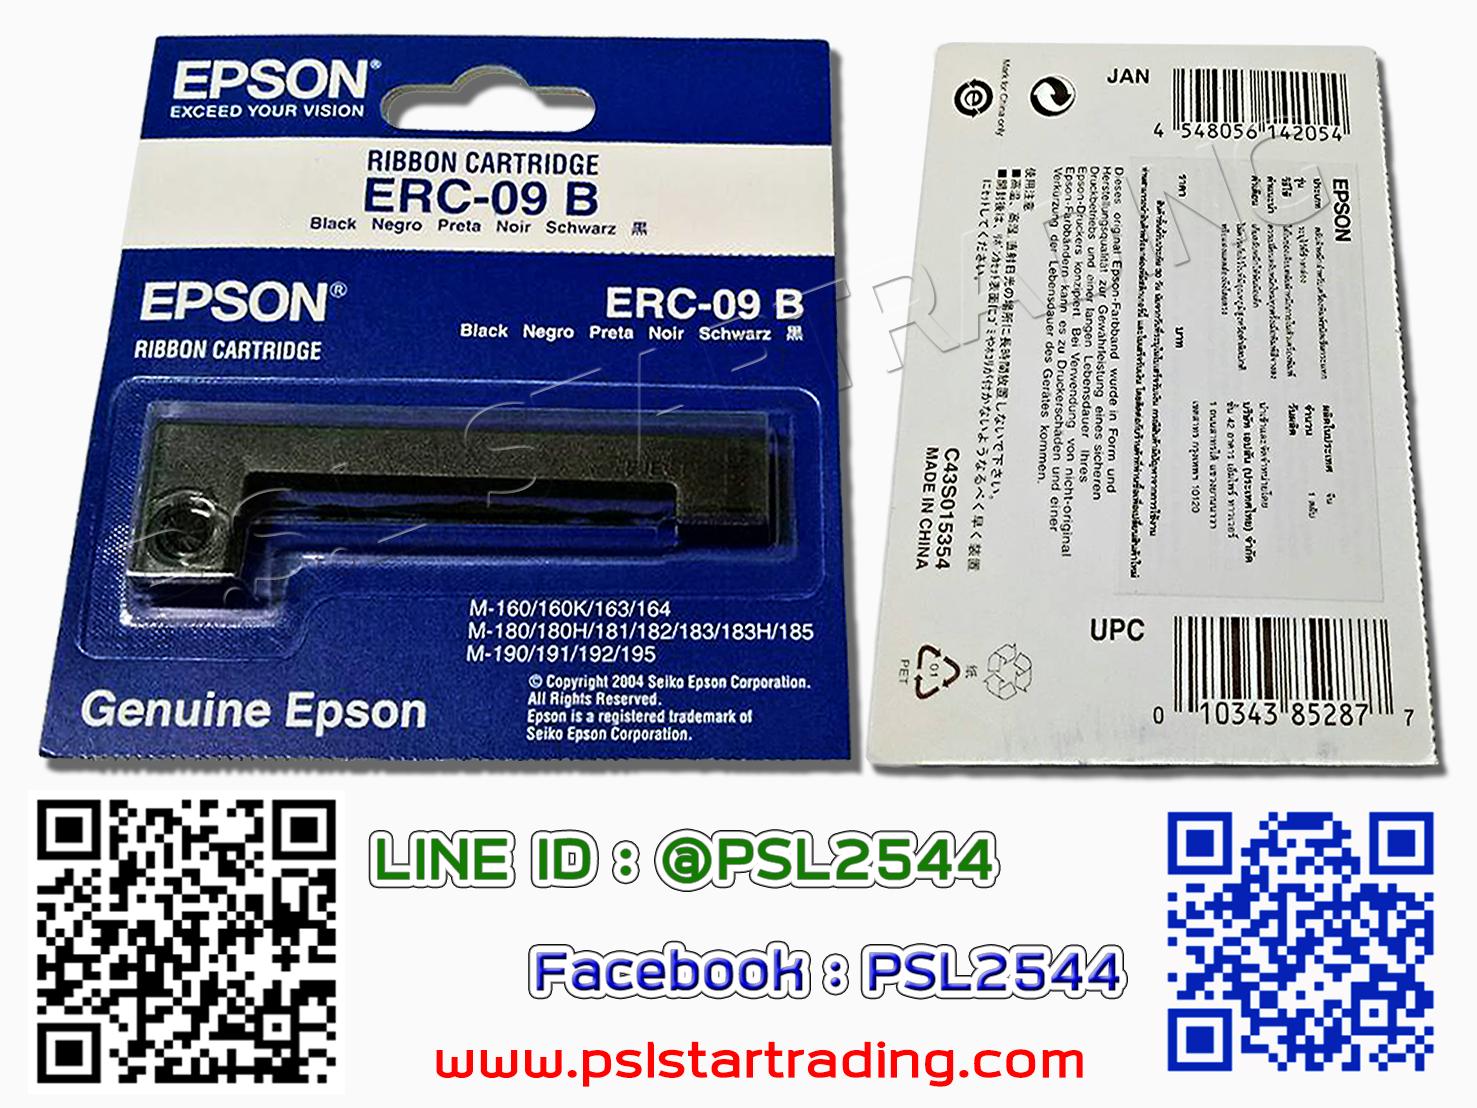 หมึกปริ้นเตอร์, EPSON, ERC-09B, LQ 300, LQ 500, LQ 800, ผ้าหมึกปริ้นเตอร์, รีฟิวล์, เทียบเท่า